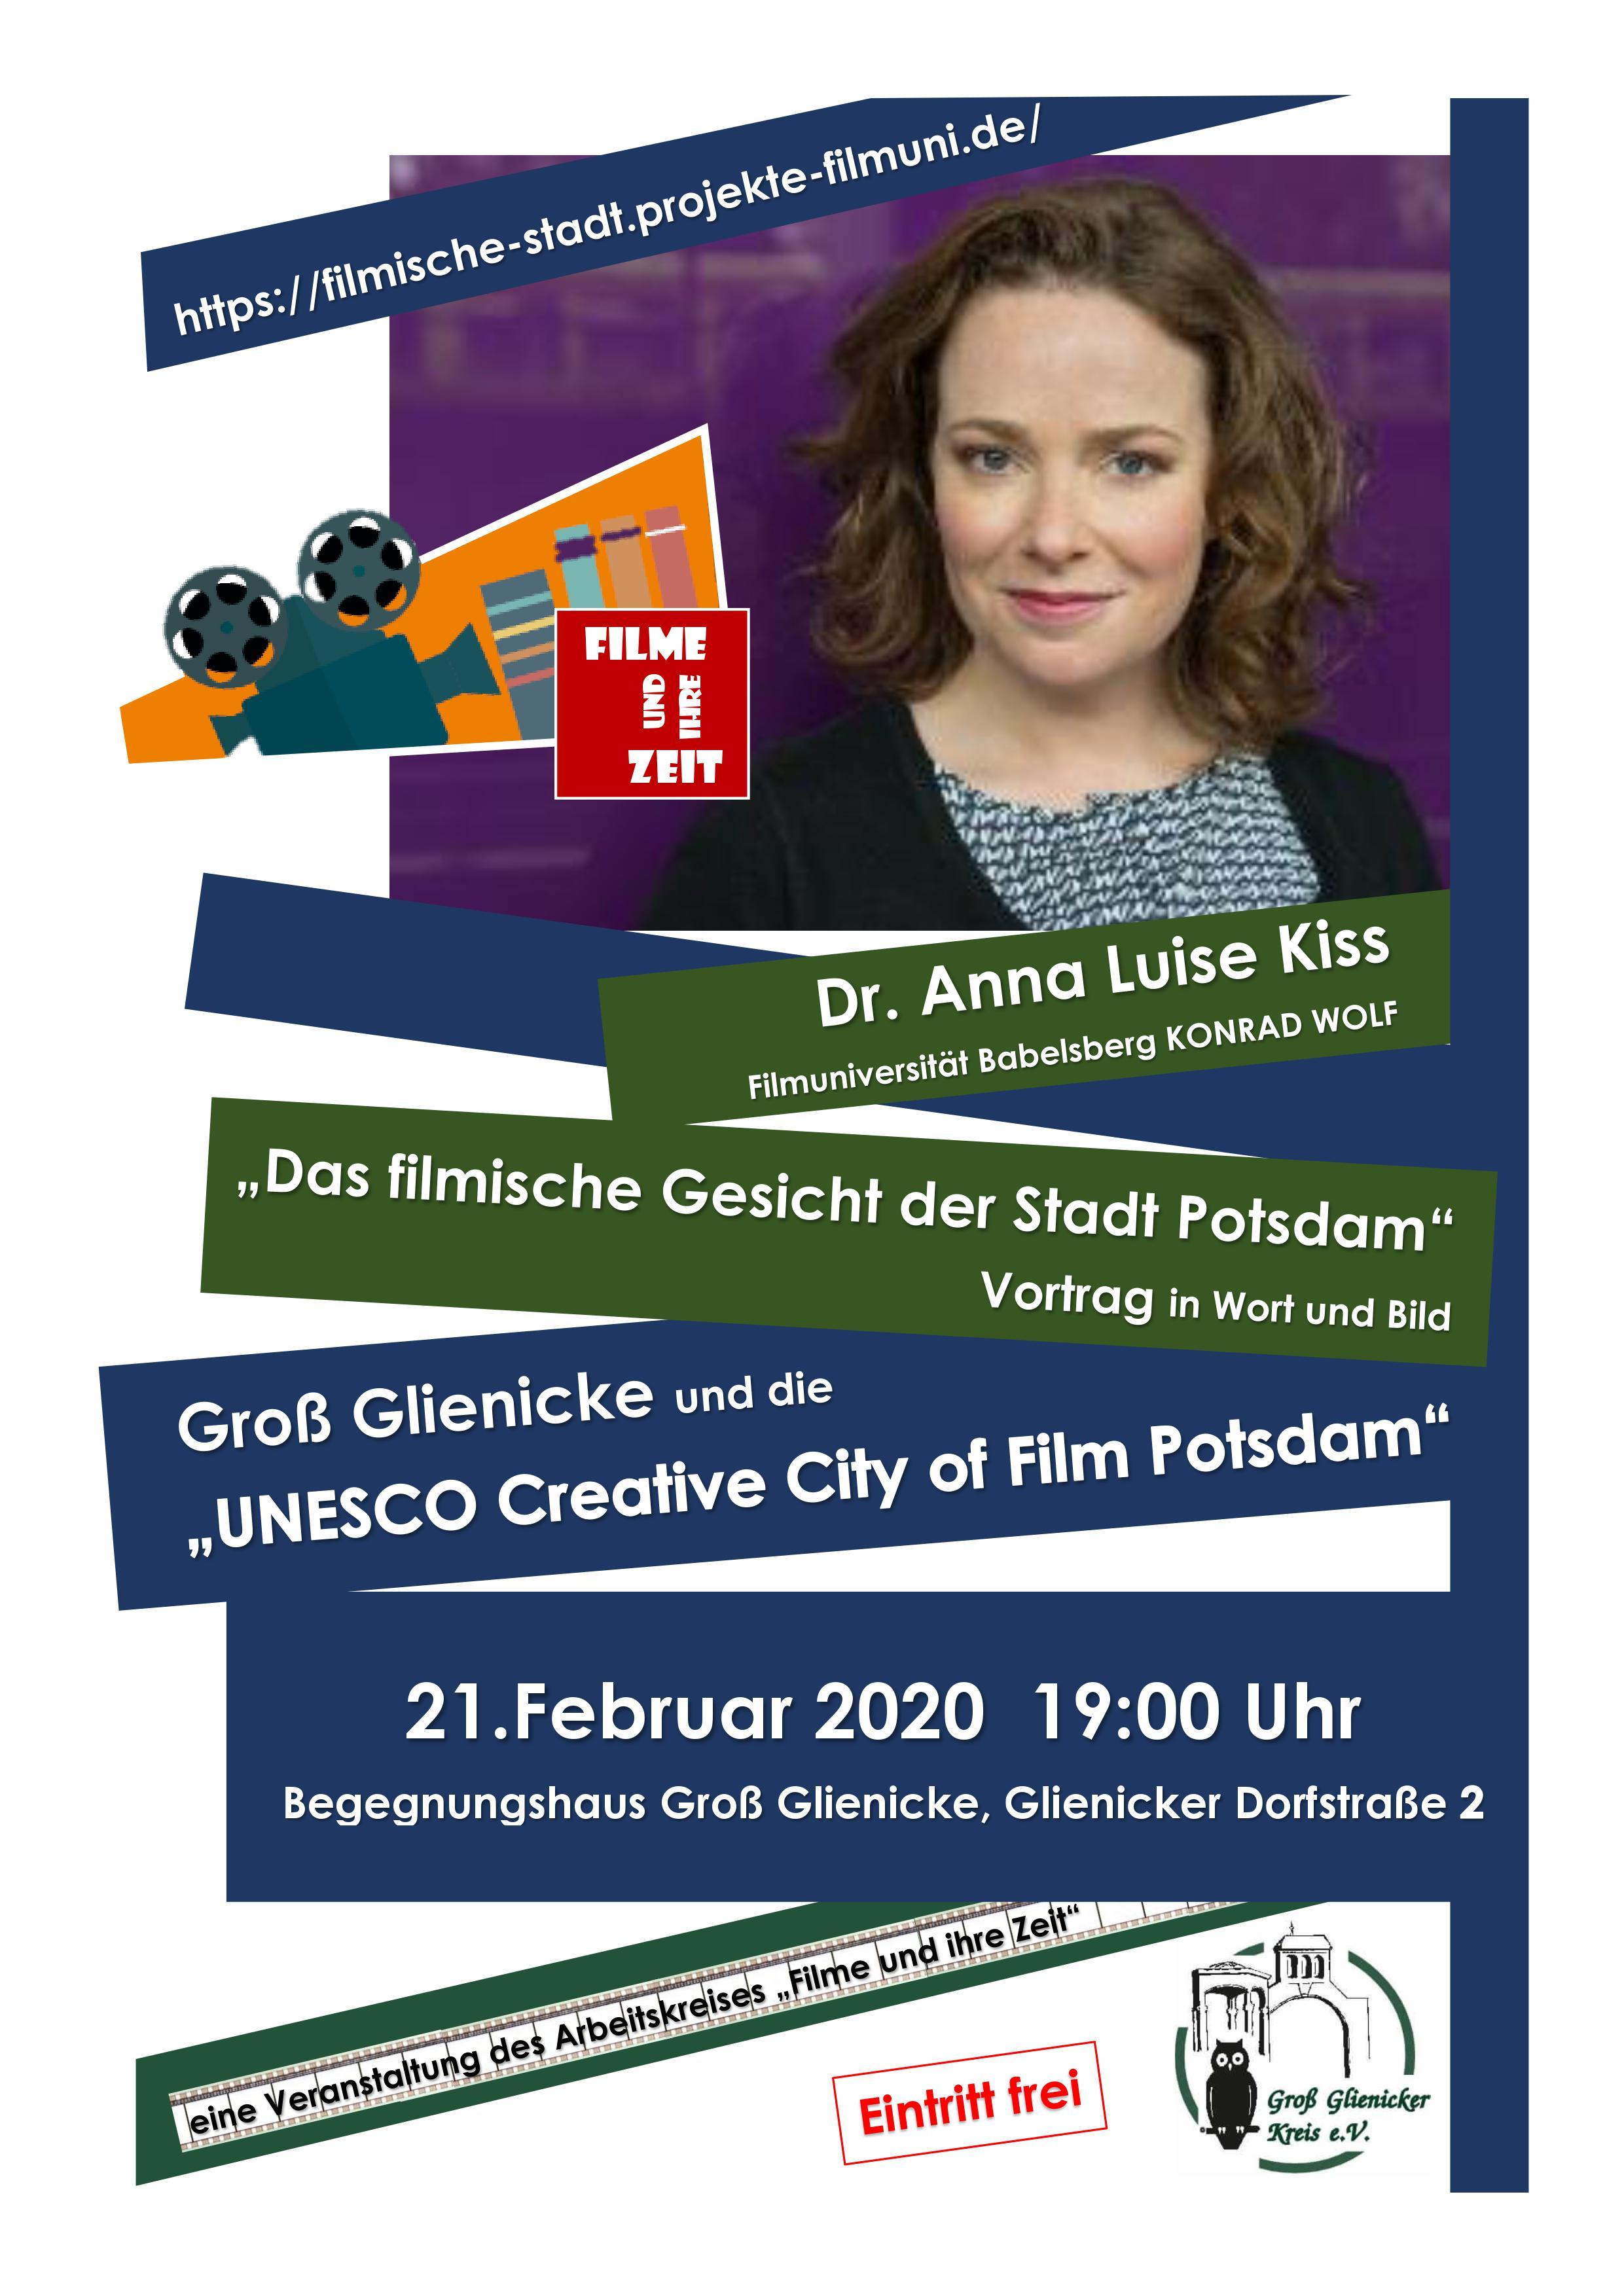 Filme und ihre Zeit Kiss Februar 2020 GGK Begegnungshaus